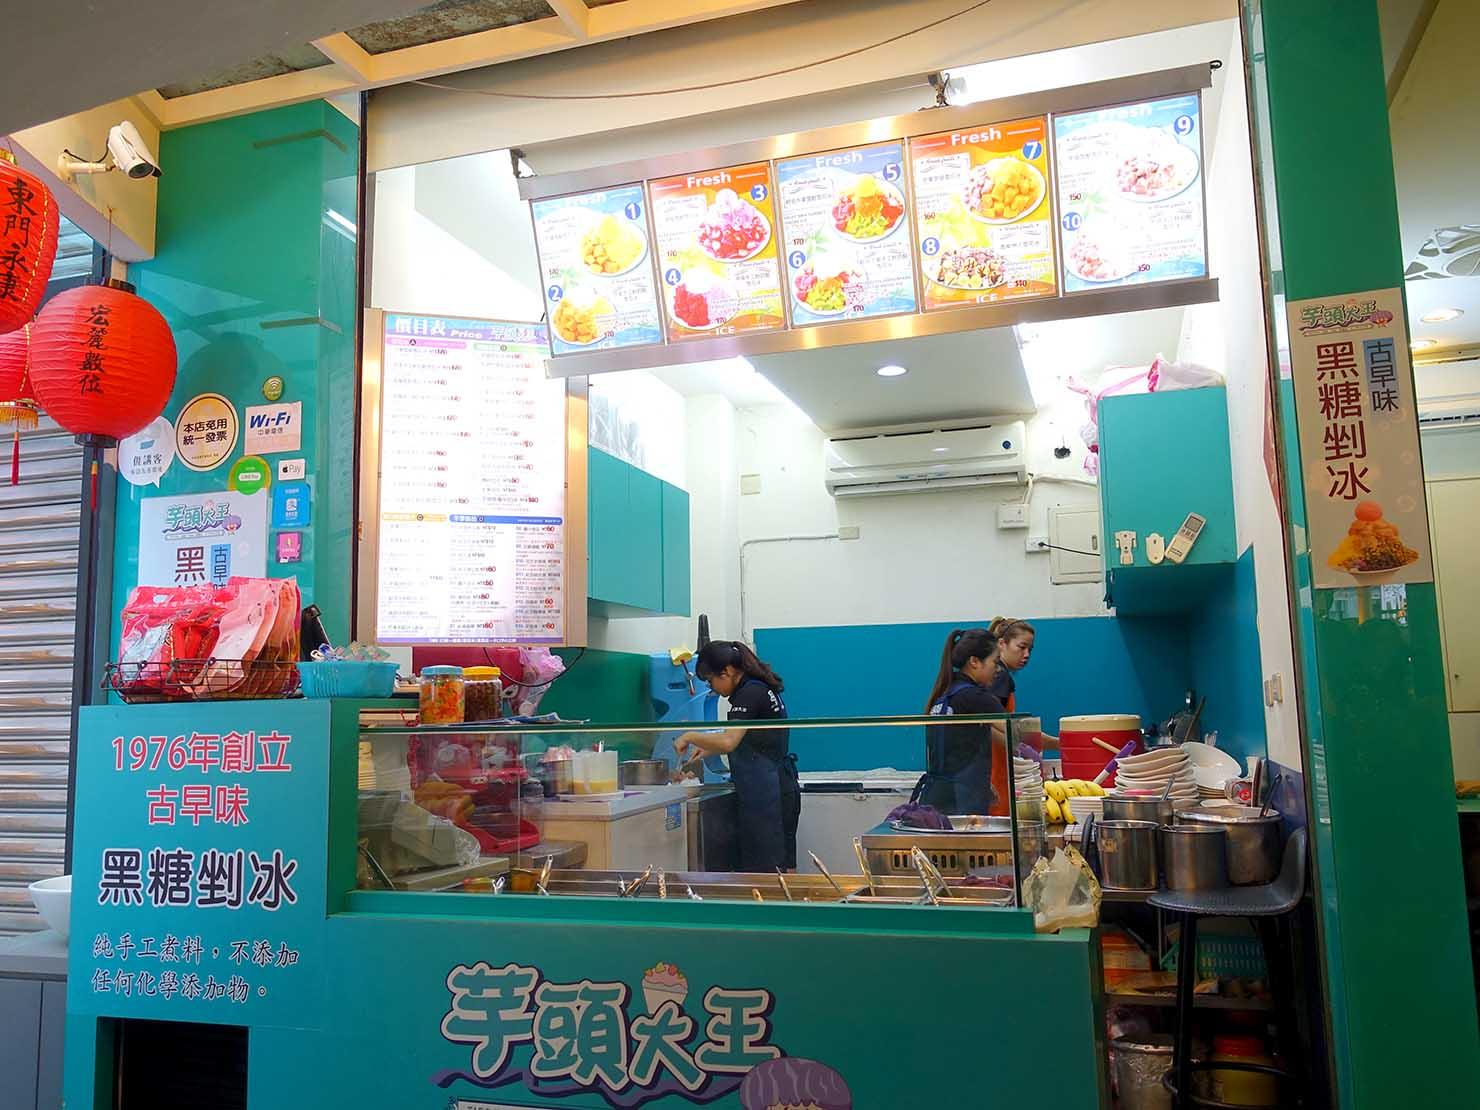 台北・永康街の豆花がいただけるお店「芋頭大王」のカウンター